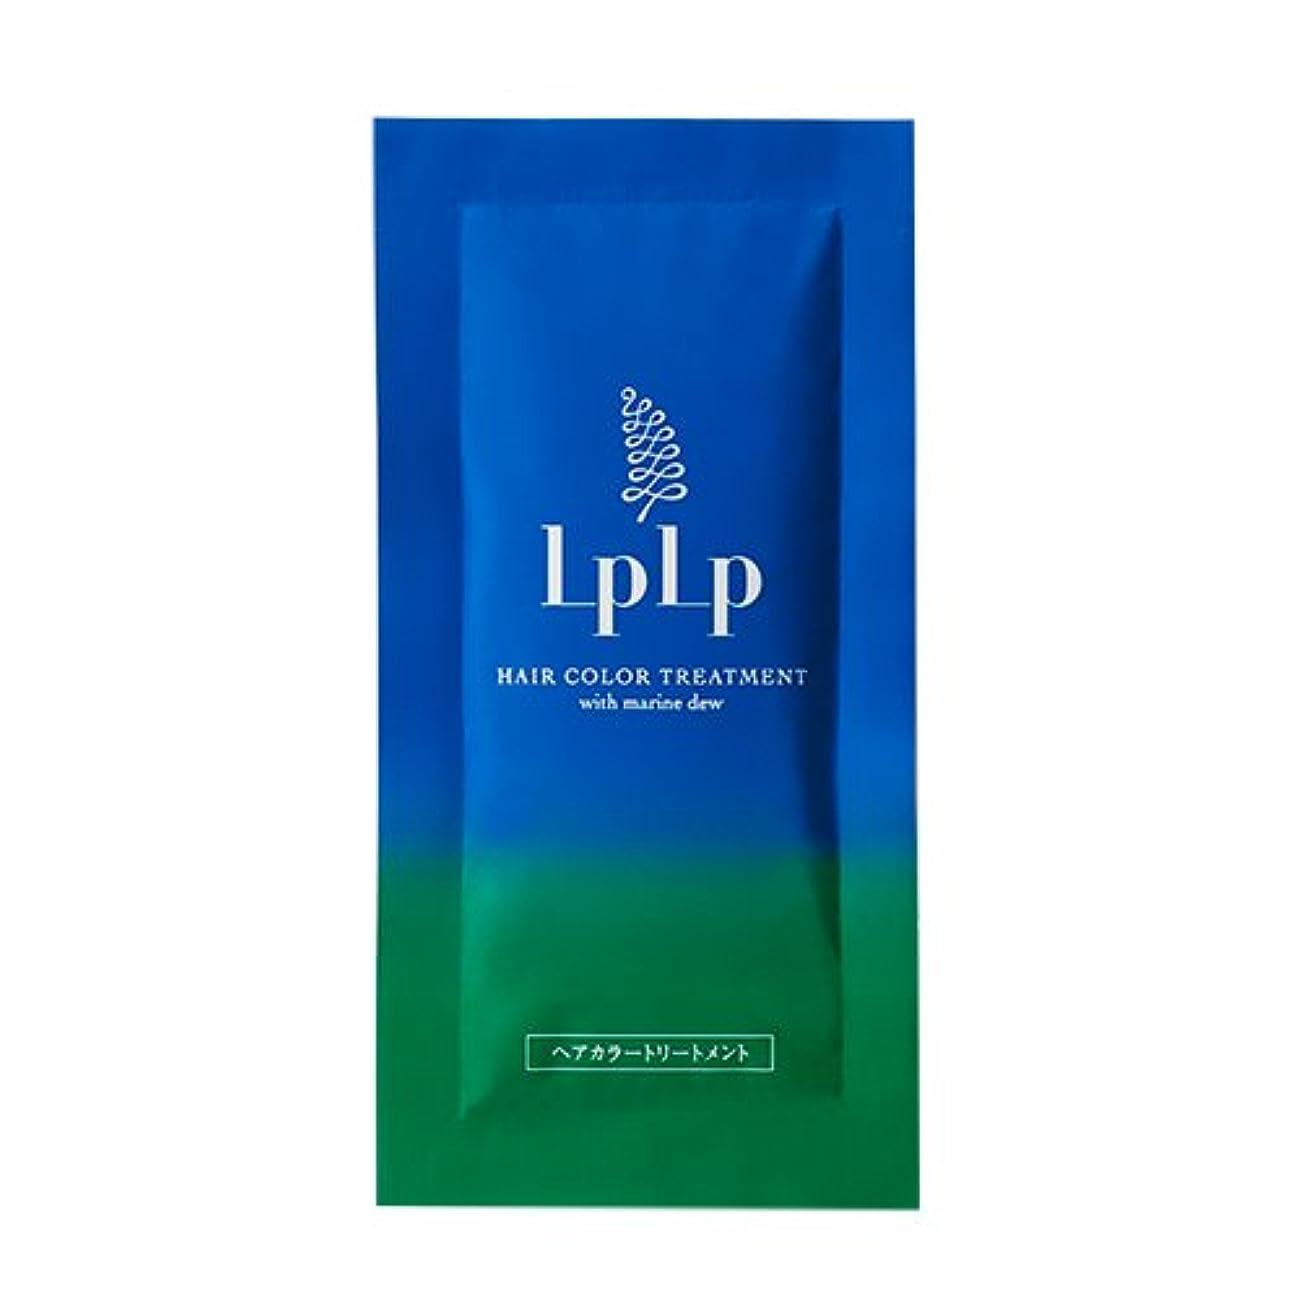 ペース告白ルネッサンスLPLP(ルプルプ)ヘアカラートリートメントお試しパウチ ダークブラウン